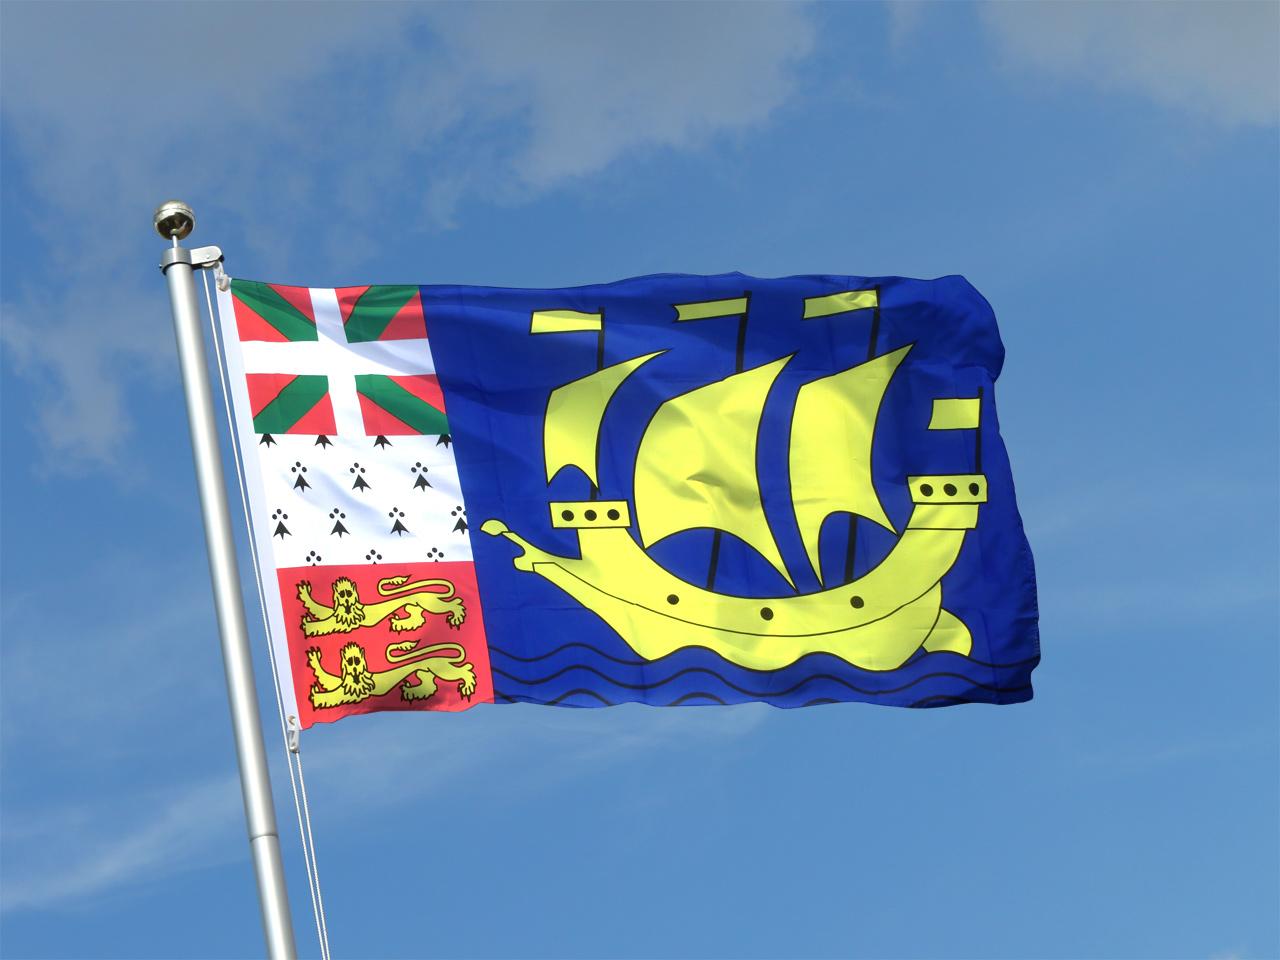 Buy Saint Pierre and Miquelon Flag - 3x5 ft - Royal-Flags